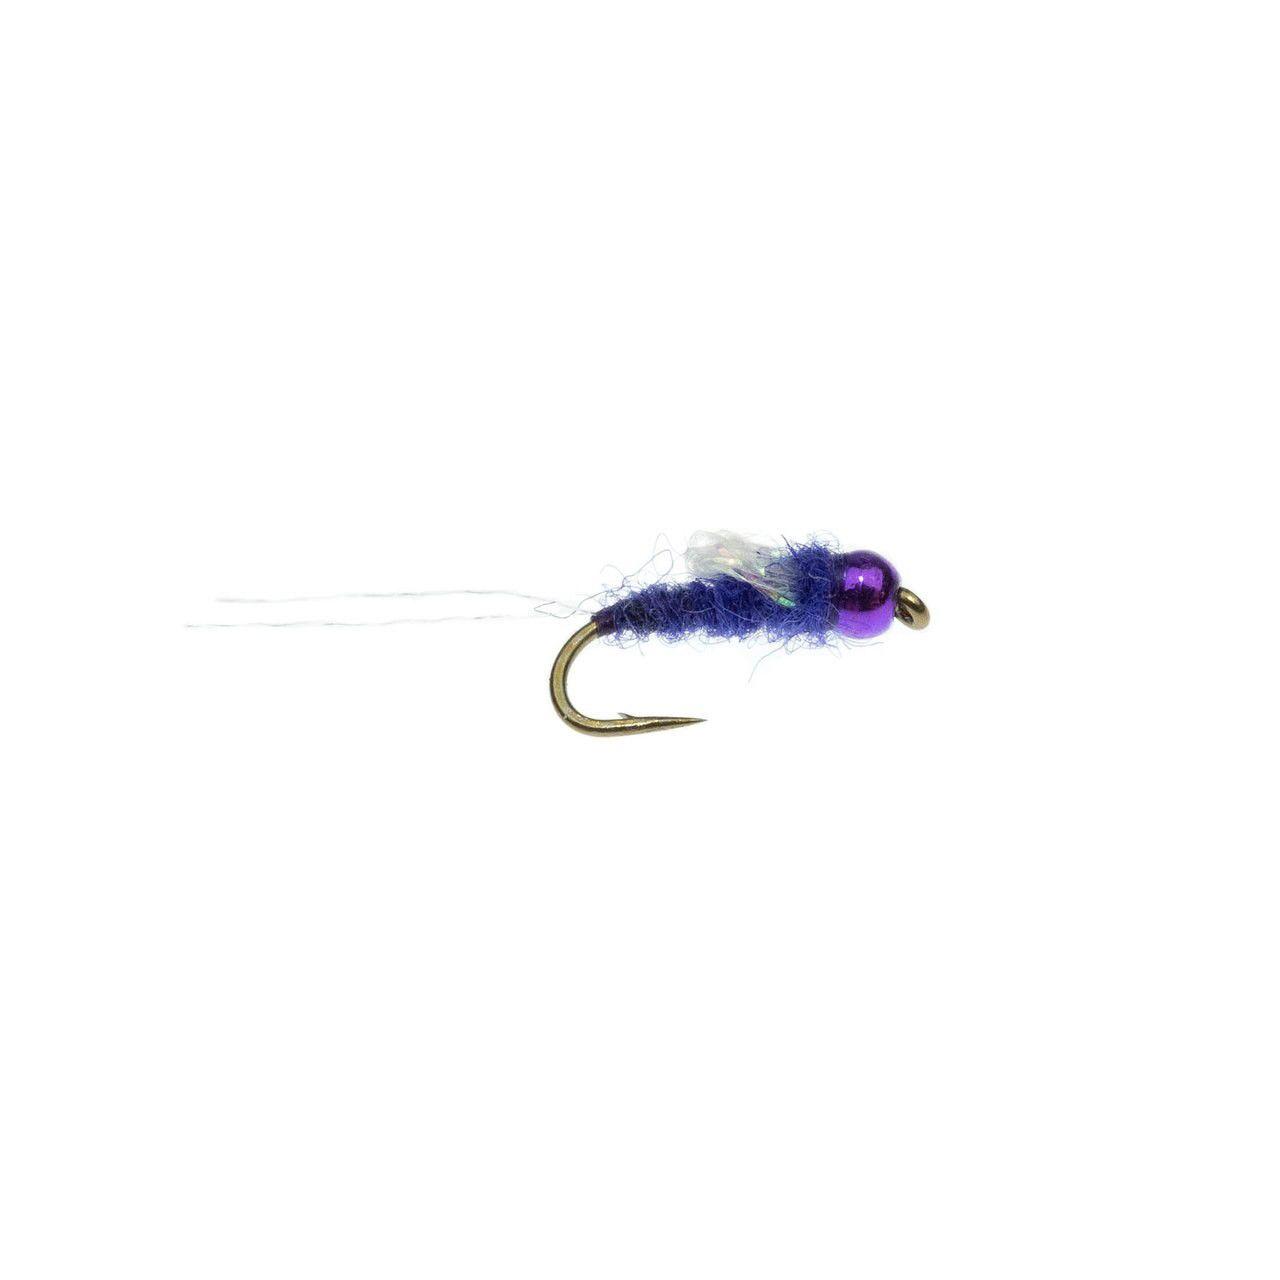 Foam Wing RS-2 Purple Fly Fishing Flies Trout Flies NEW 2016 G.C